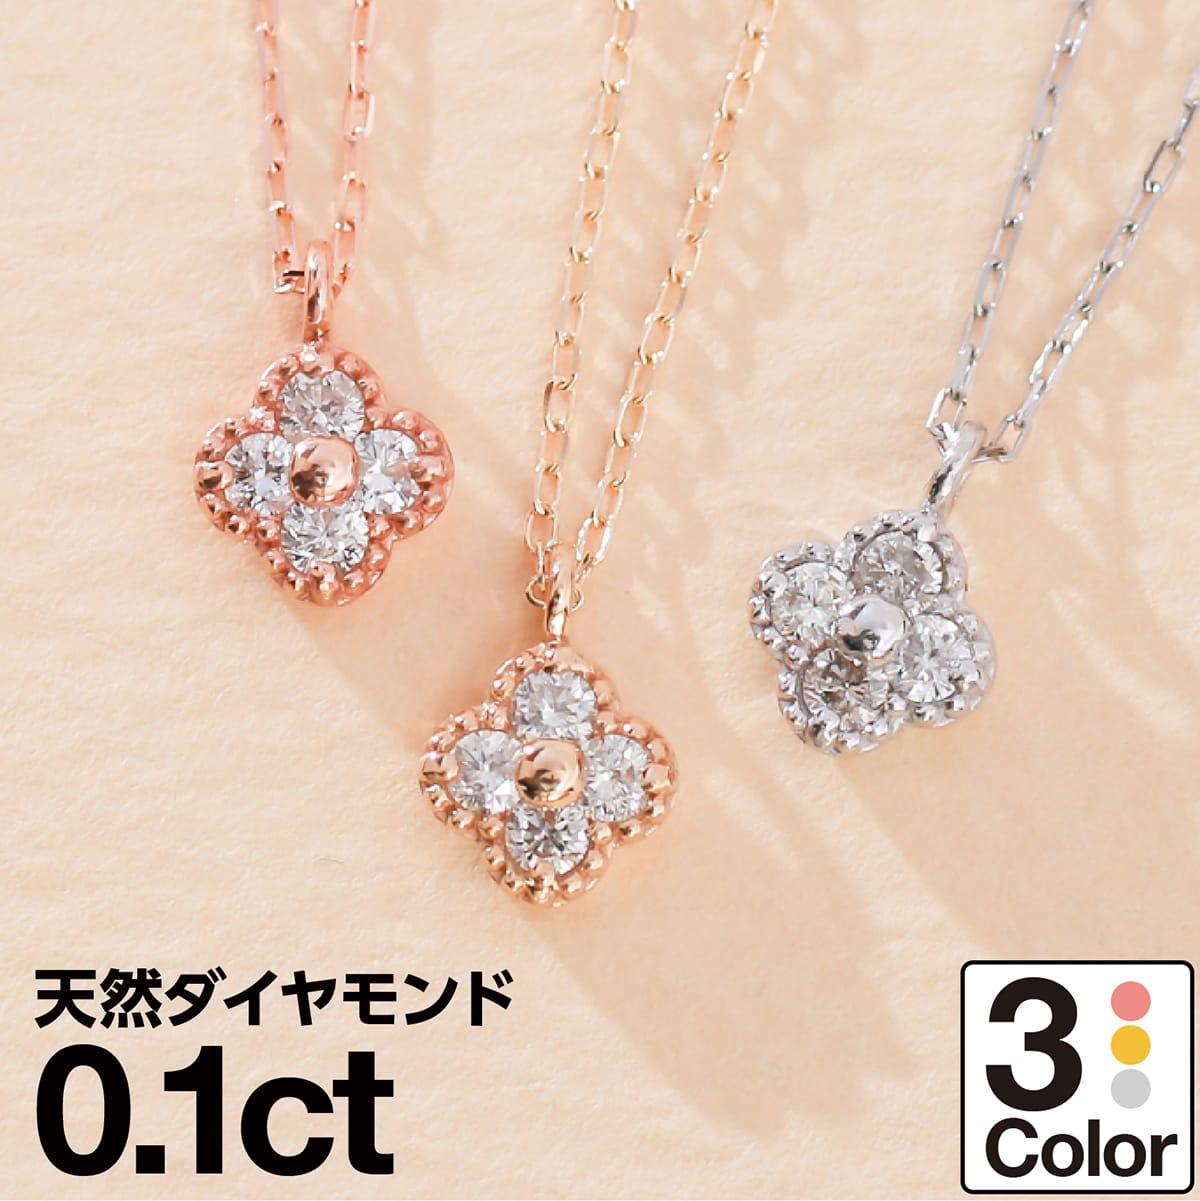 ダイヤモンド ネックレス k10 イエローゴールド/ホワイトゴールド/ピンクゴールド 品質保証書 金属アレルギー 日本製 新生活 ギフト